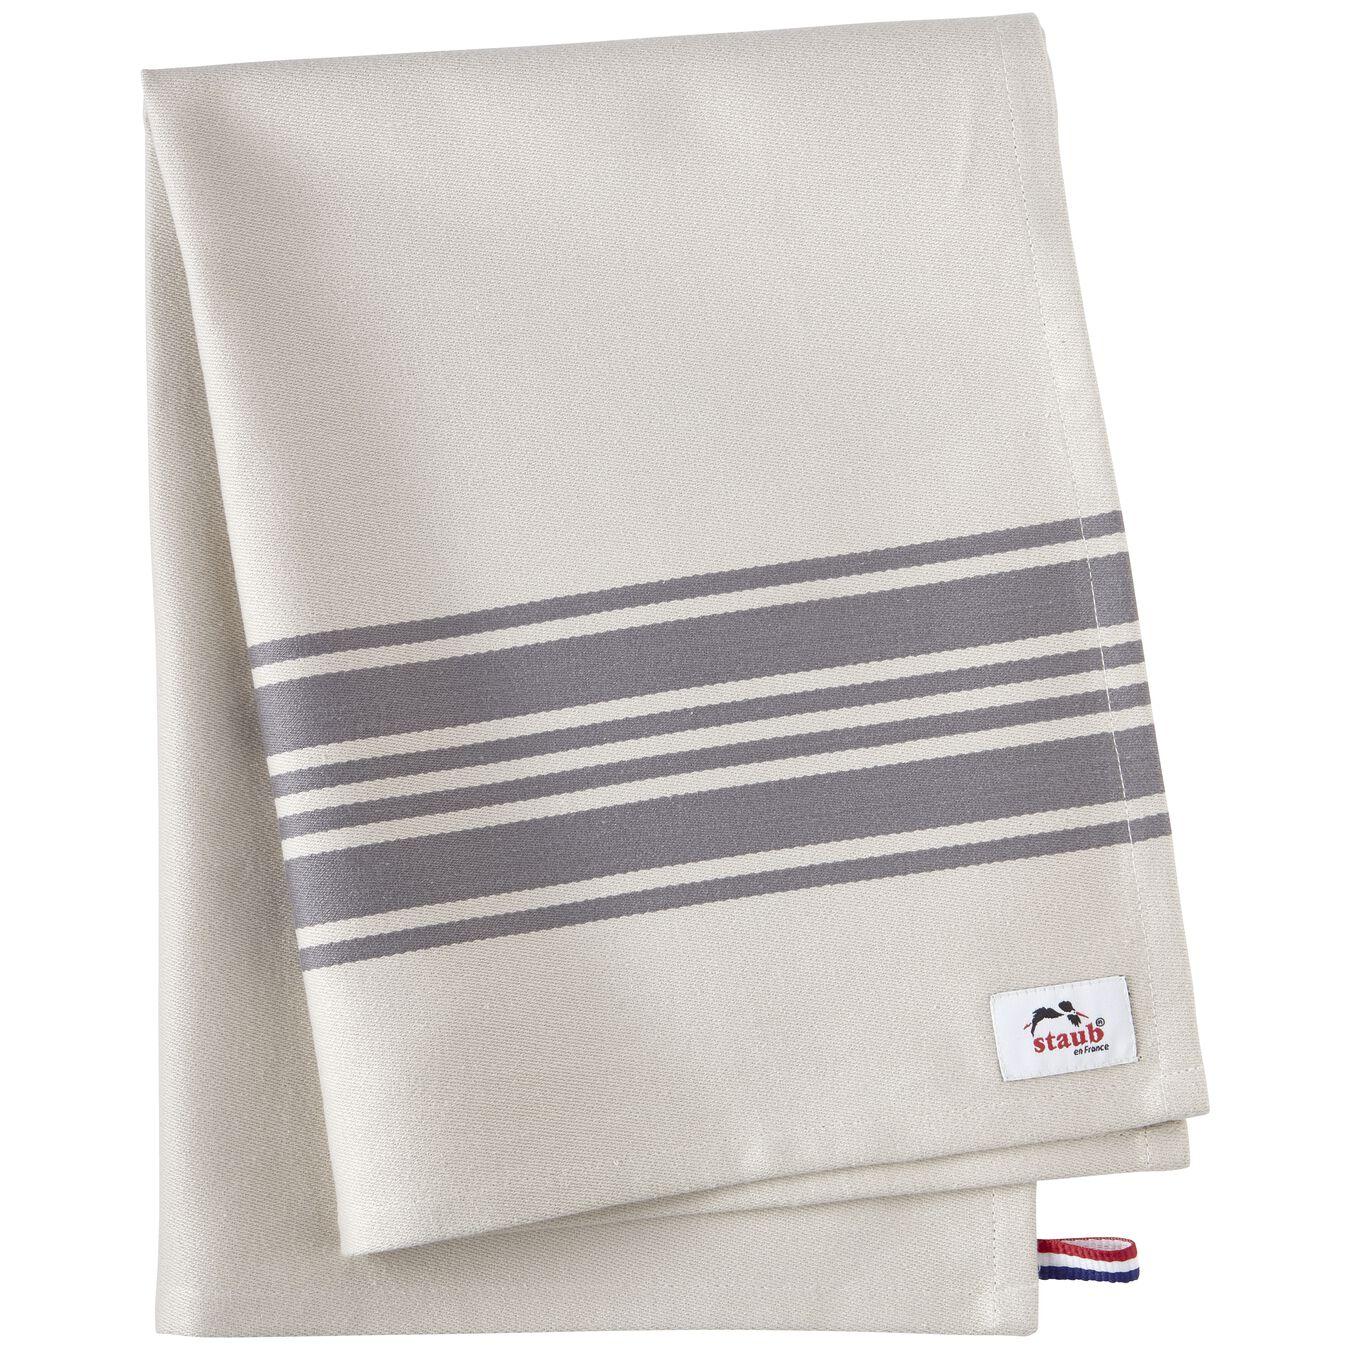 70 cm x 50 cm Cotton Kitchen towel, Grey,,large 7